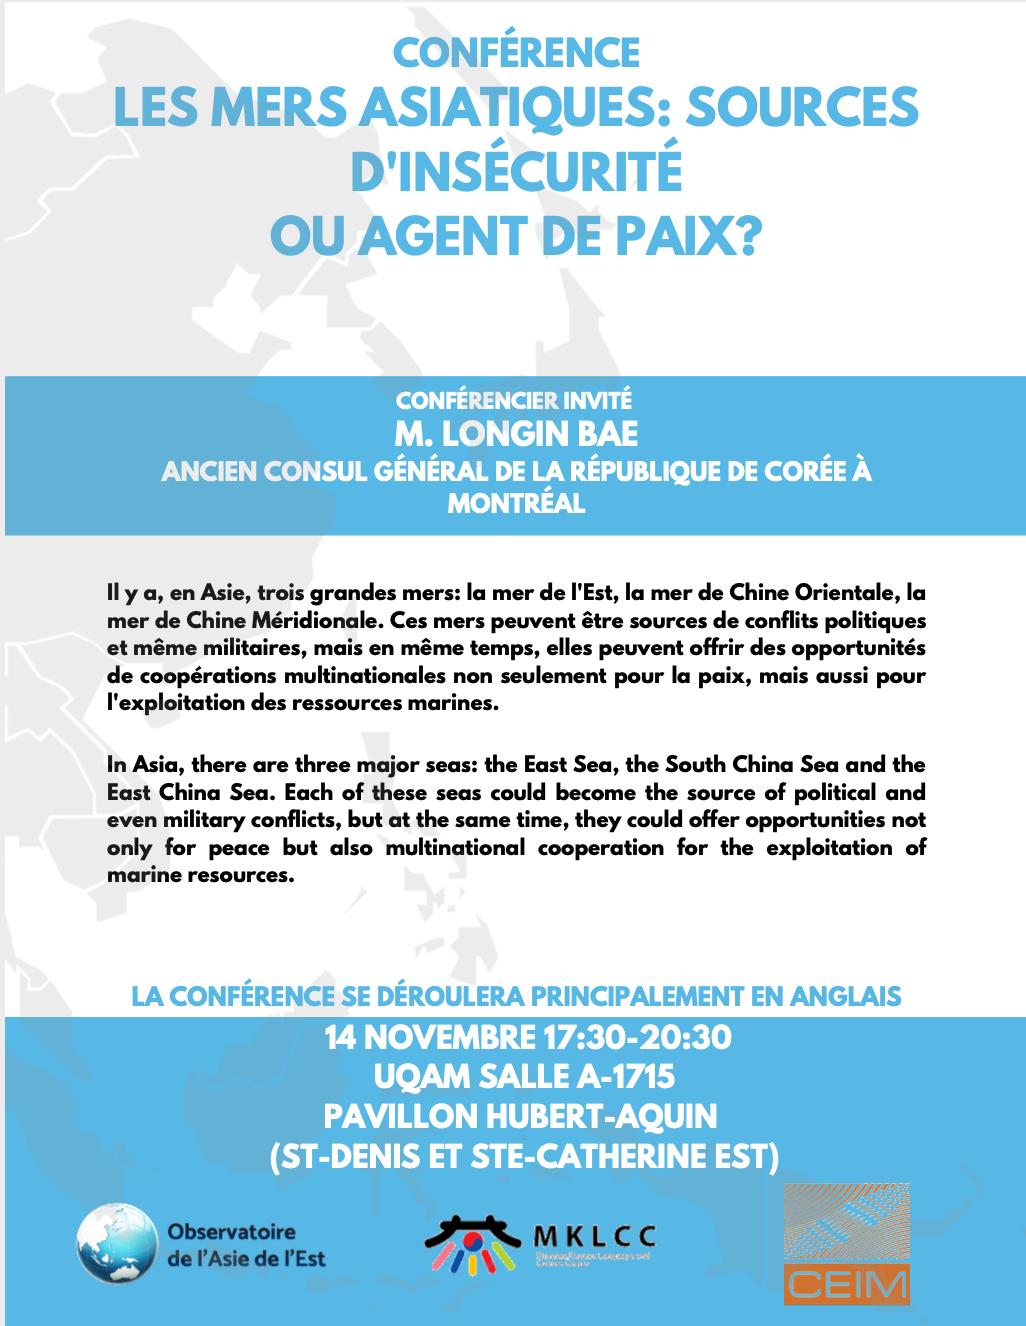 Les mers asiatiques: sources d'insécurité ou agent de paix?